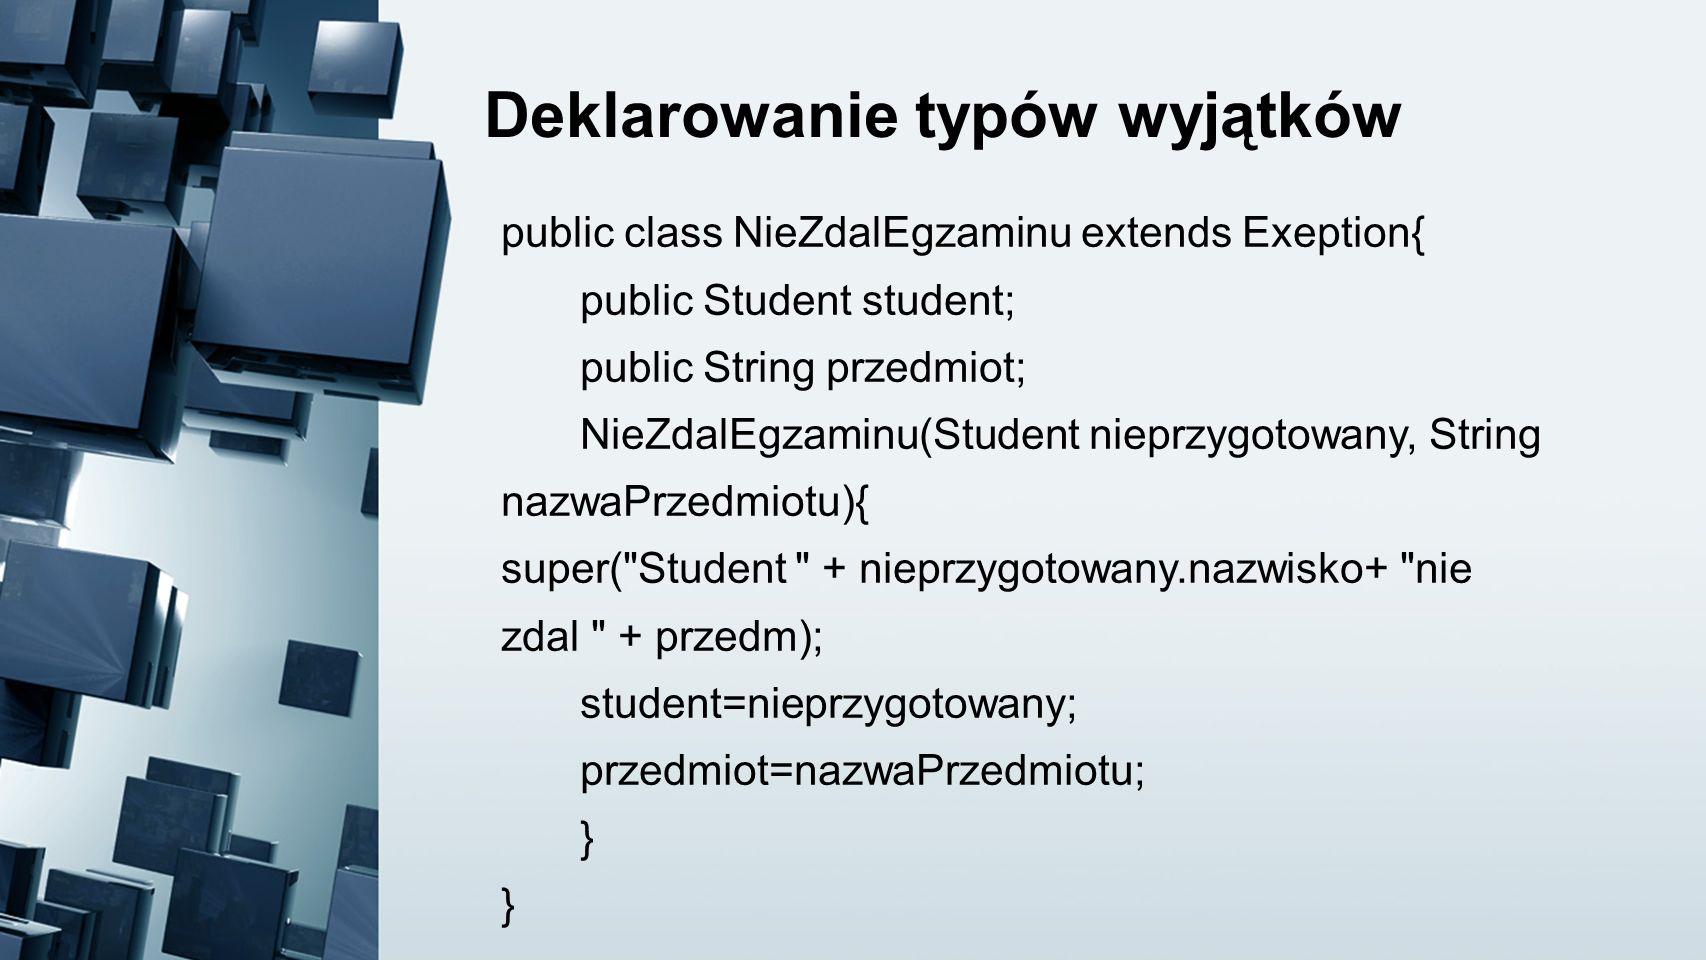 Deklarowanie typów wyjątków public class NieZdalEgzaminu extends Exeption{ public Student student; public String przedmiot; NieZdalEgzaminu(Student ni